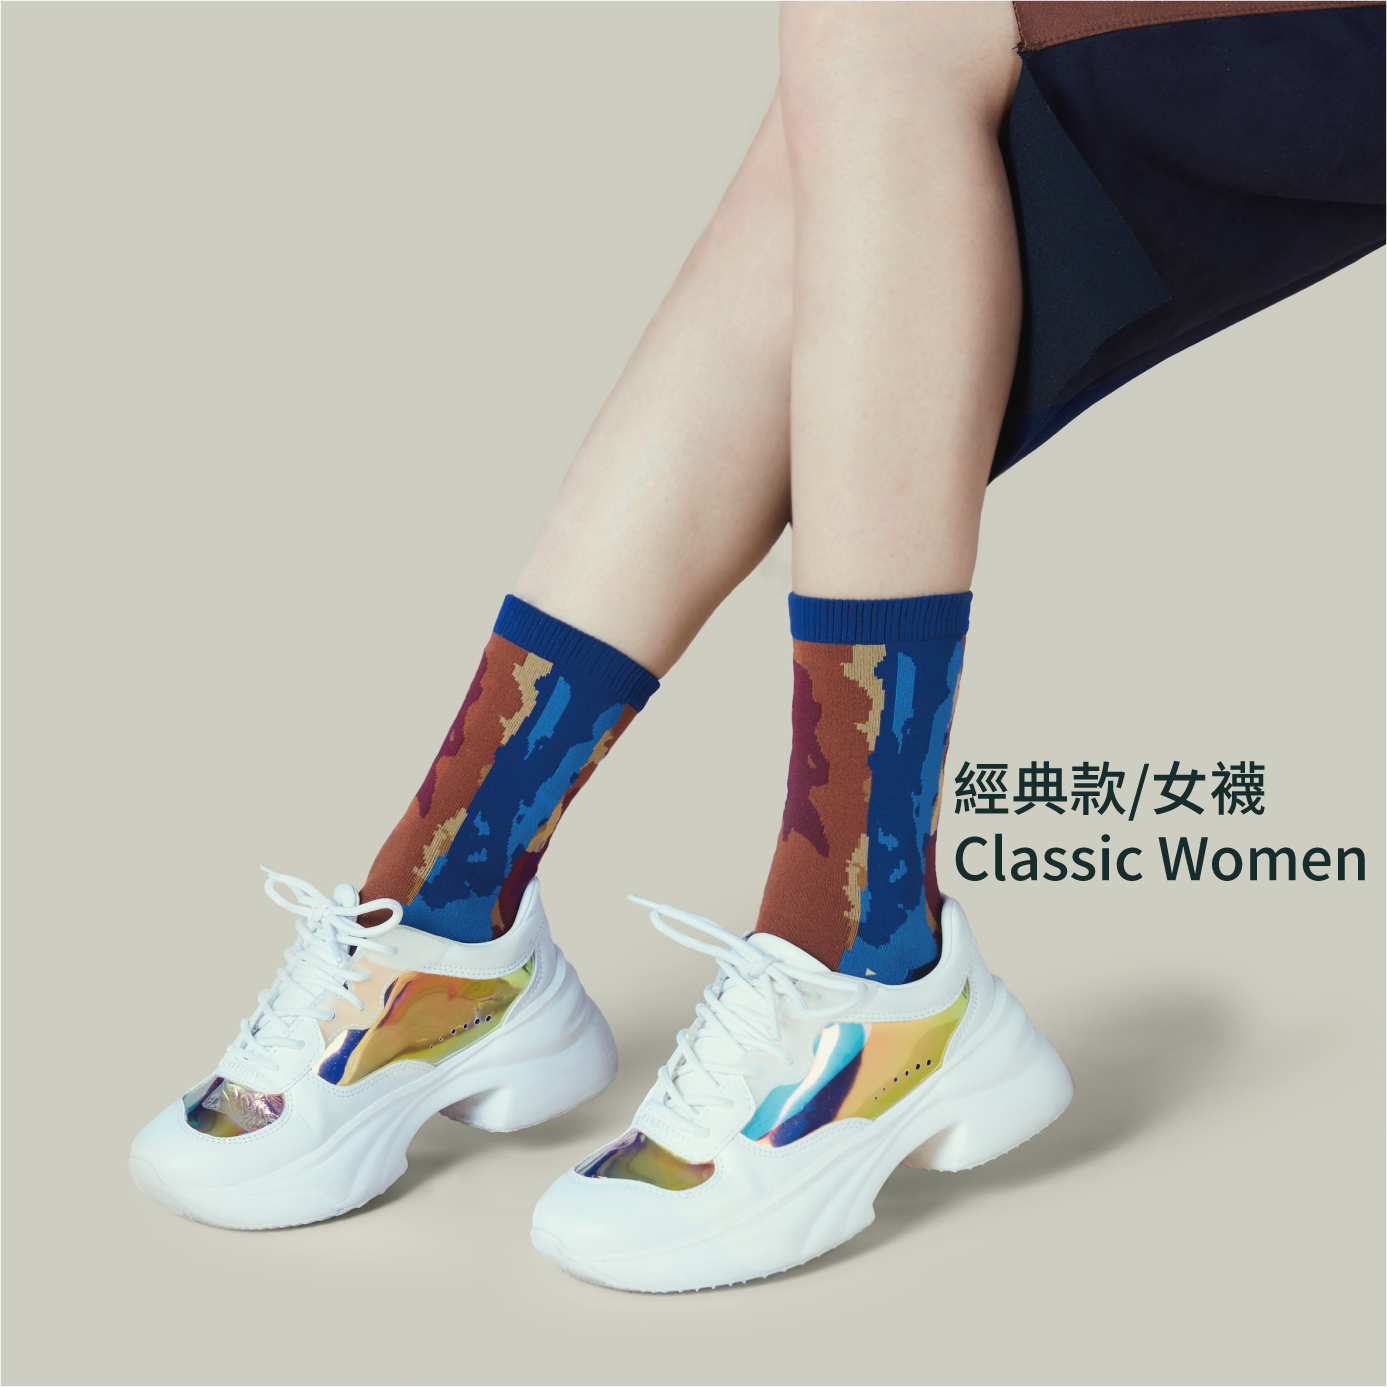 簡約潮流機能設計女襪